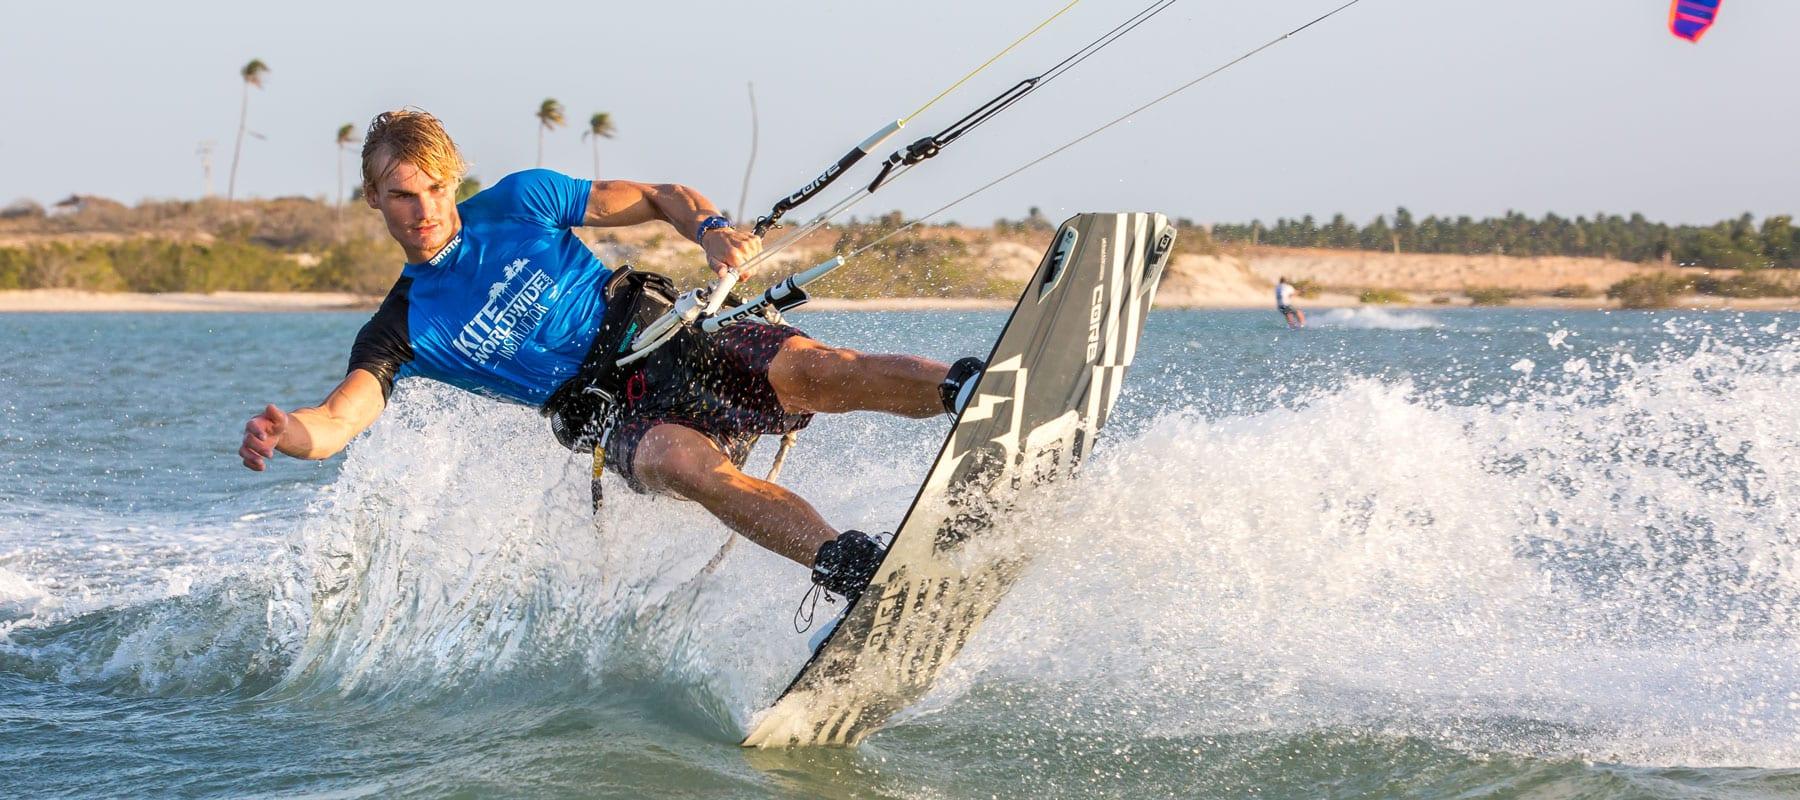 Tatajuba Kitesurfen – Kitereisen mit Kiteworldwide nach Brasilien